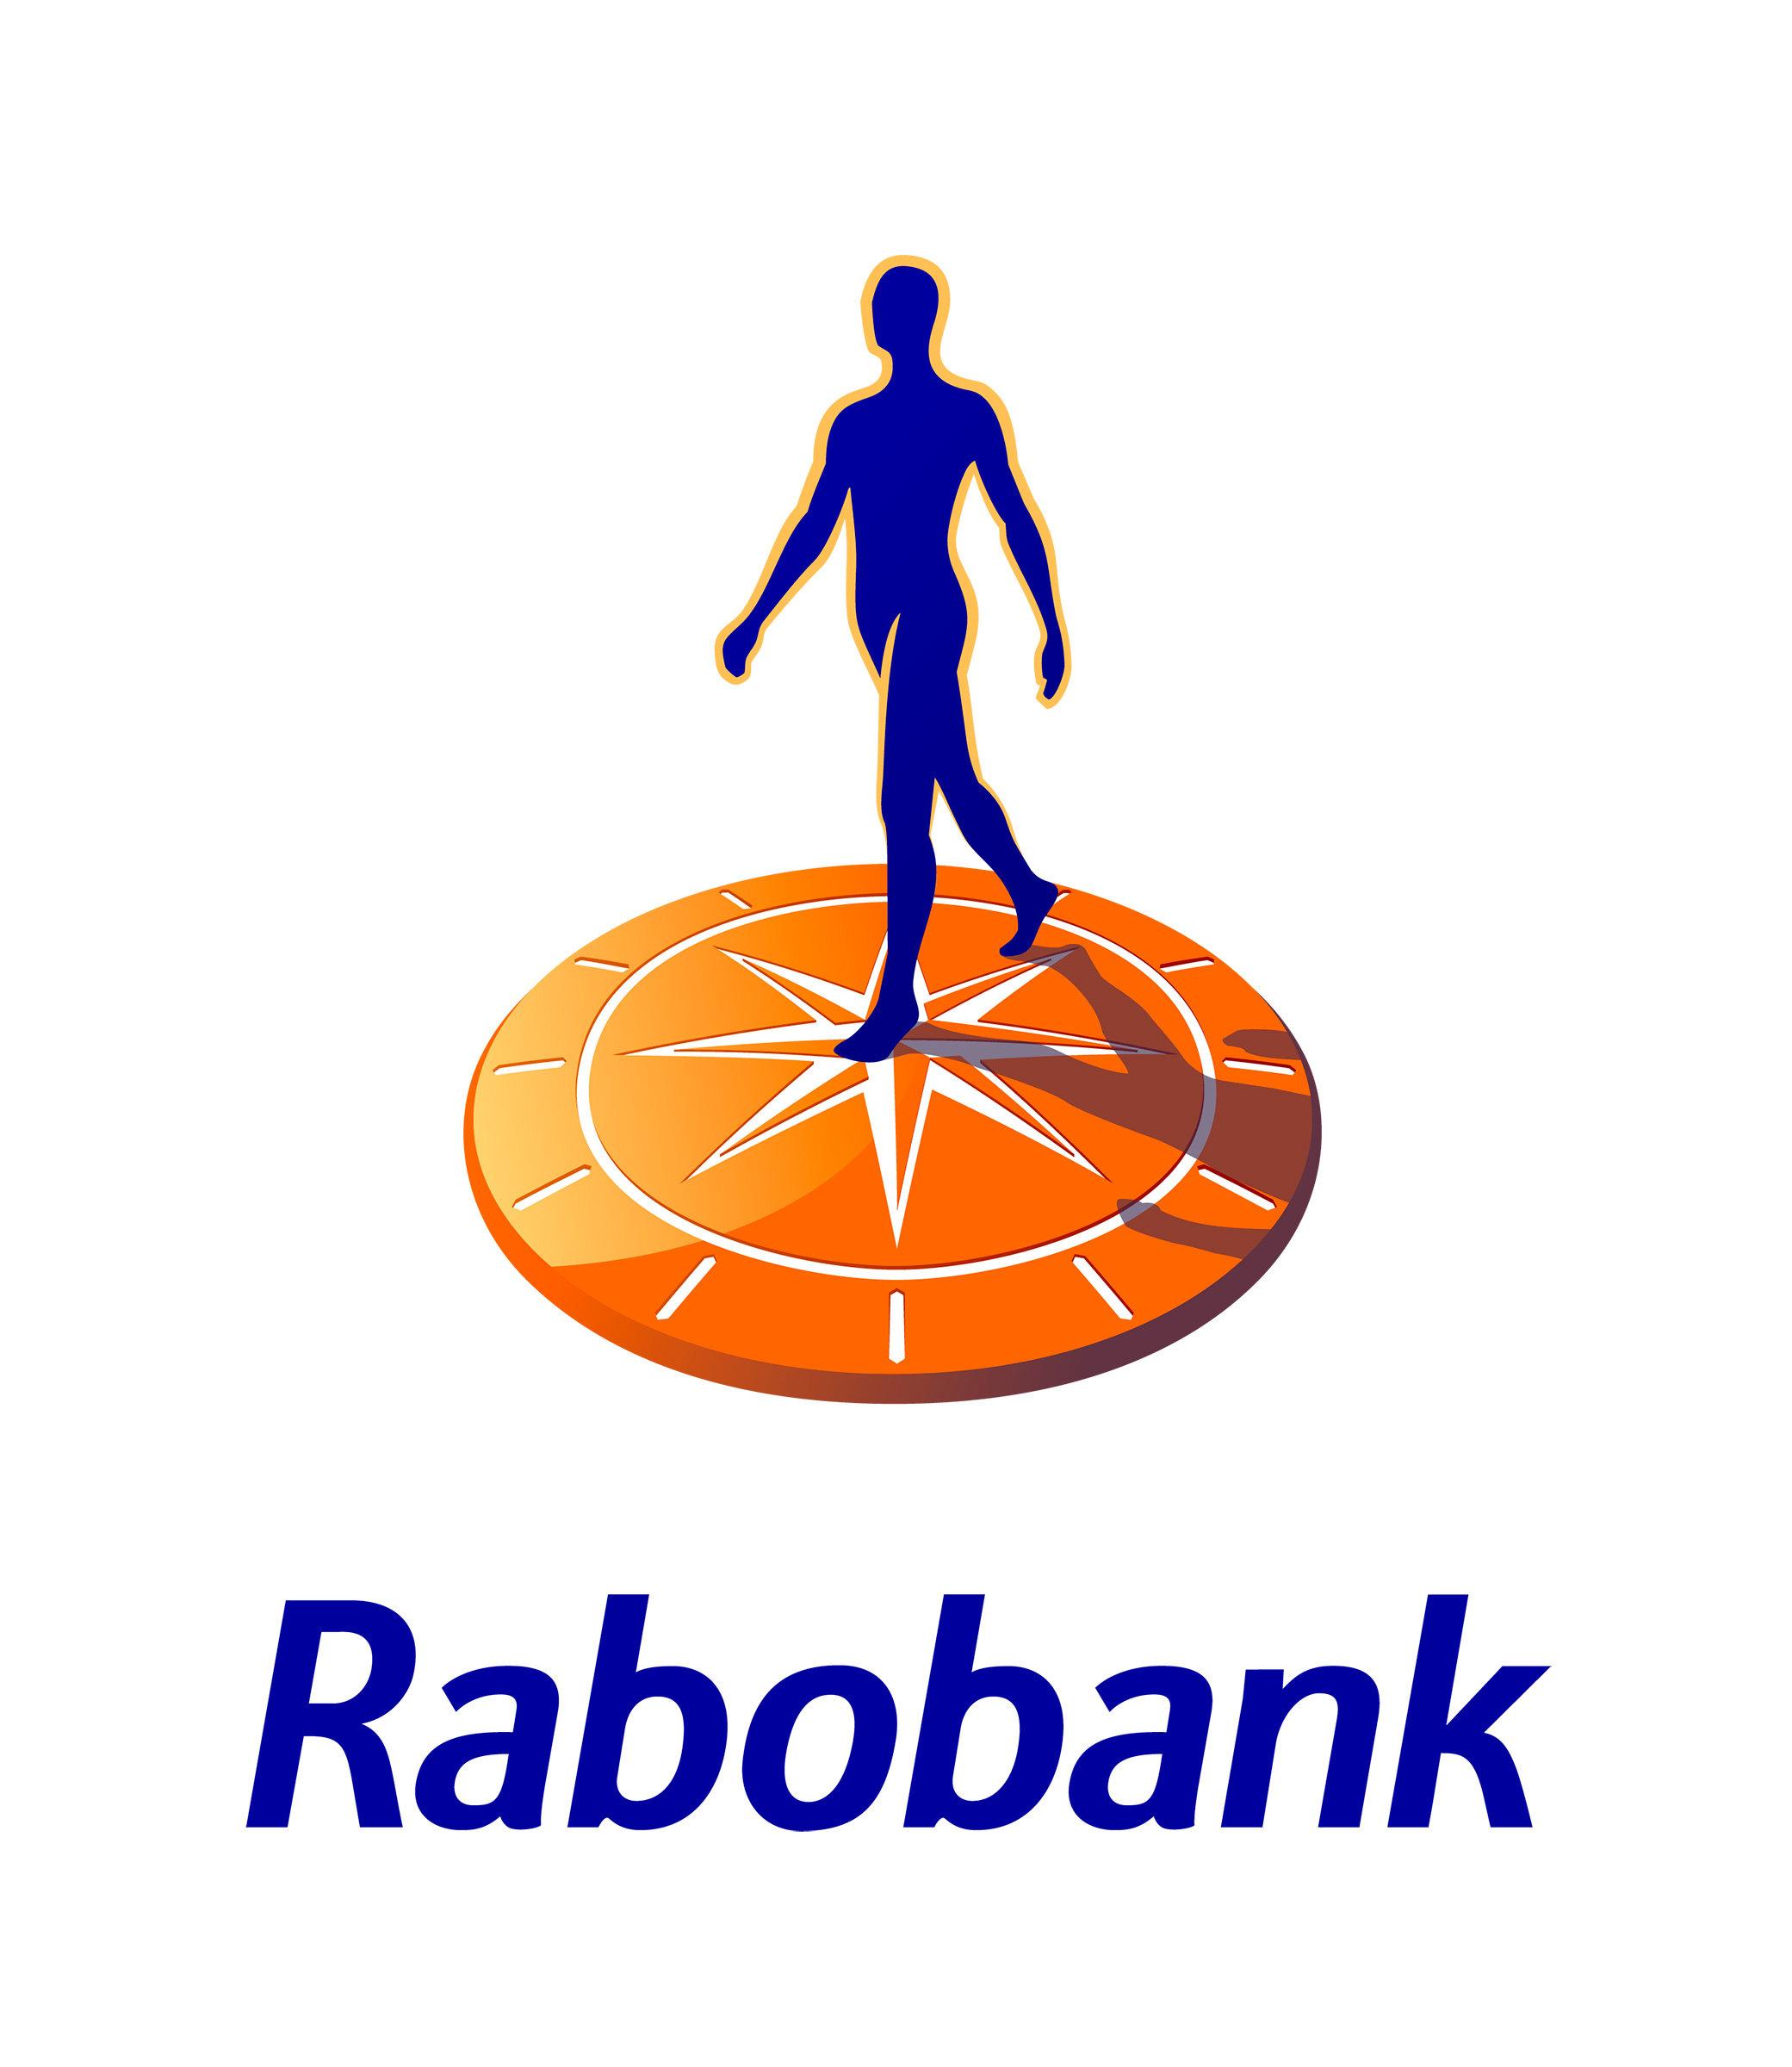 Rabobank Utrechtse Heuvelrug